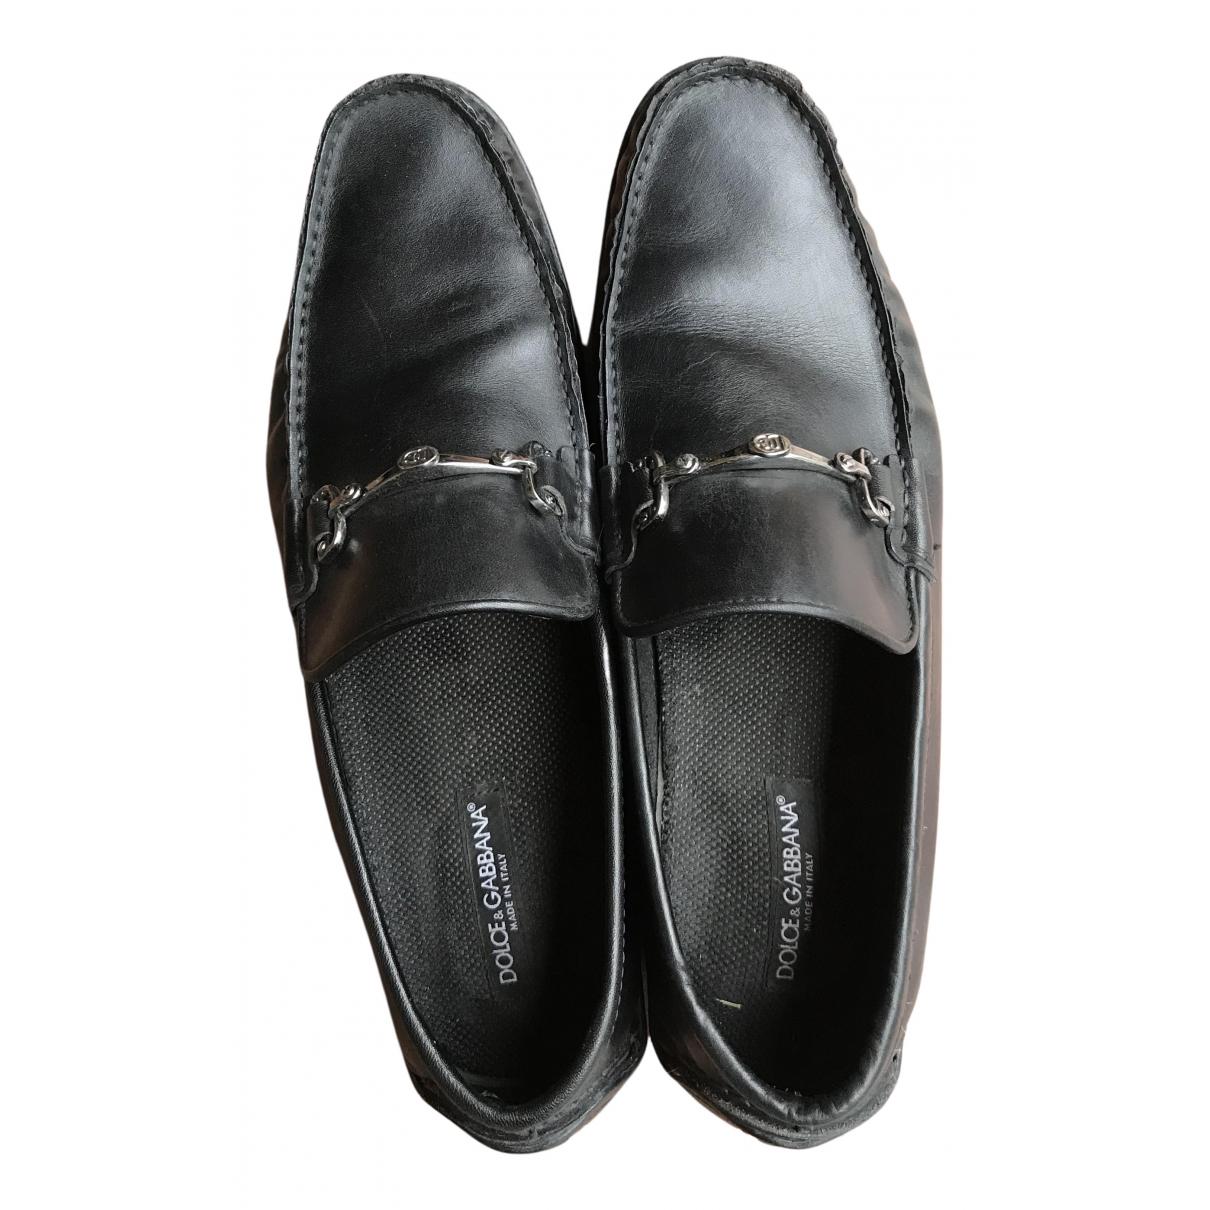 Dolce & Gabbana - Mocassins   pour homme en cuir - noir